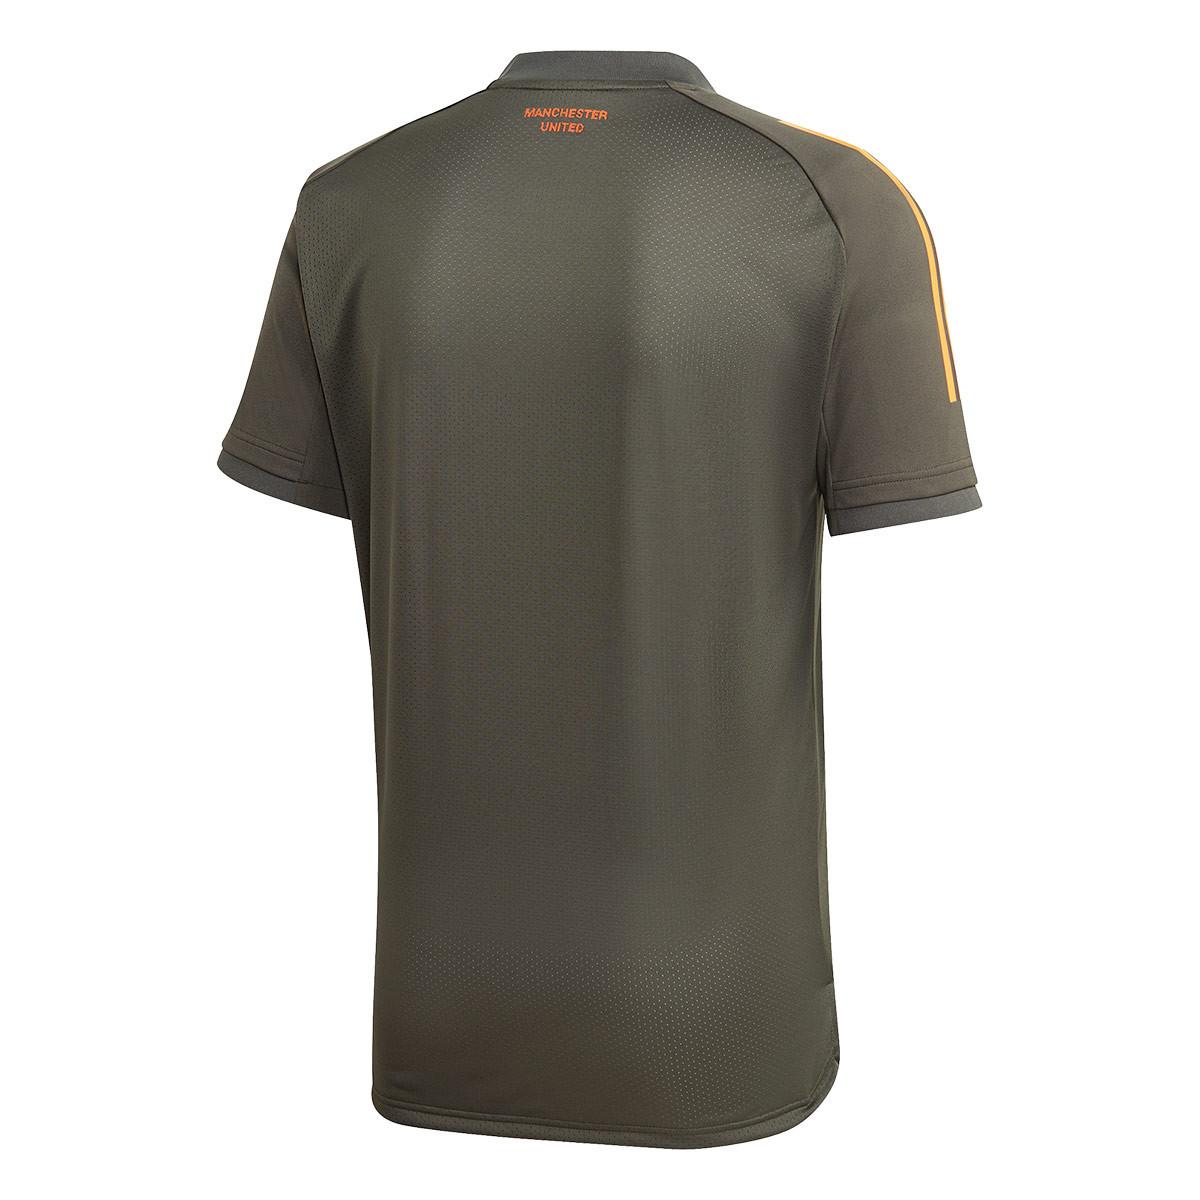 maglia adidas manchester united fc training 2020 2021 legend earth negozio di calcio futbol emotion maglia adidas manchester united fc training 2020 2021